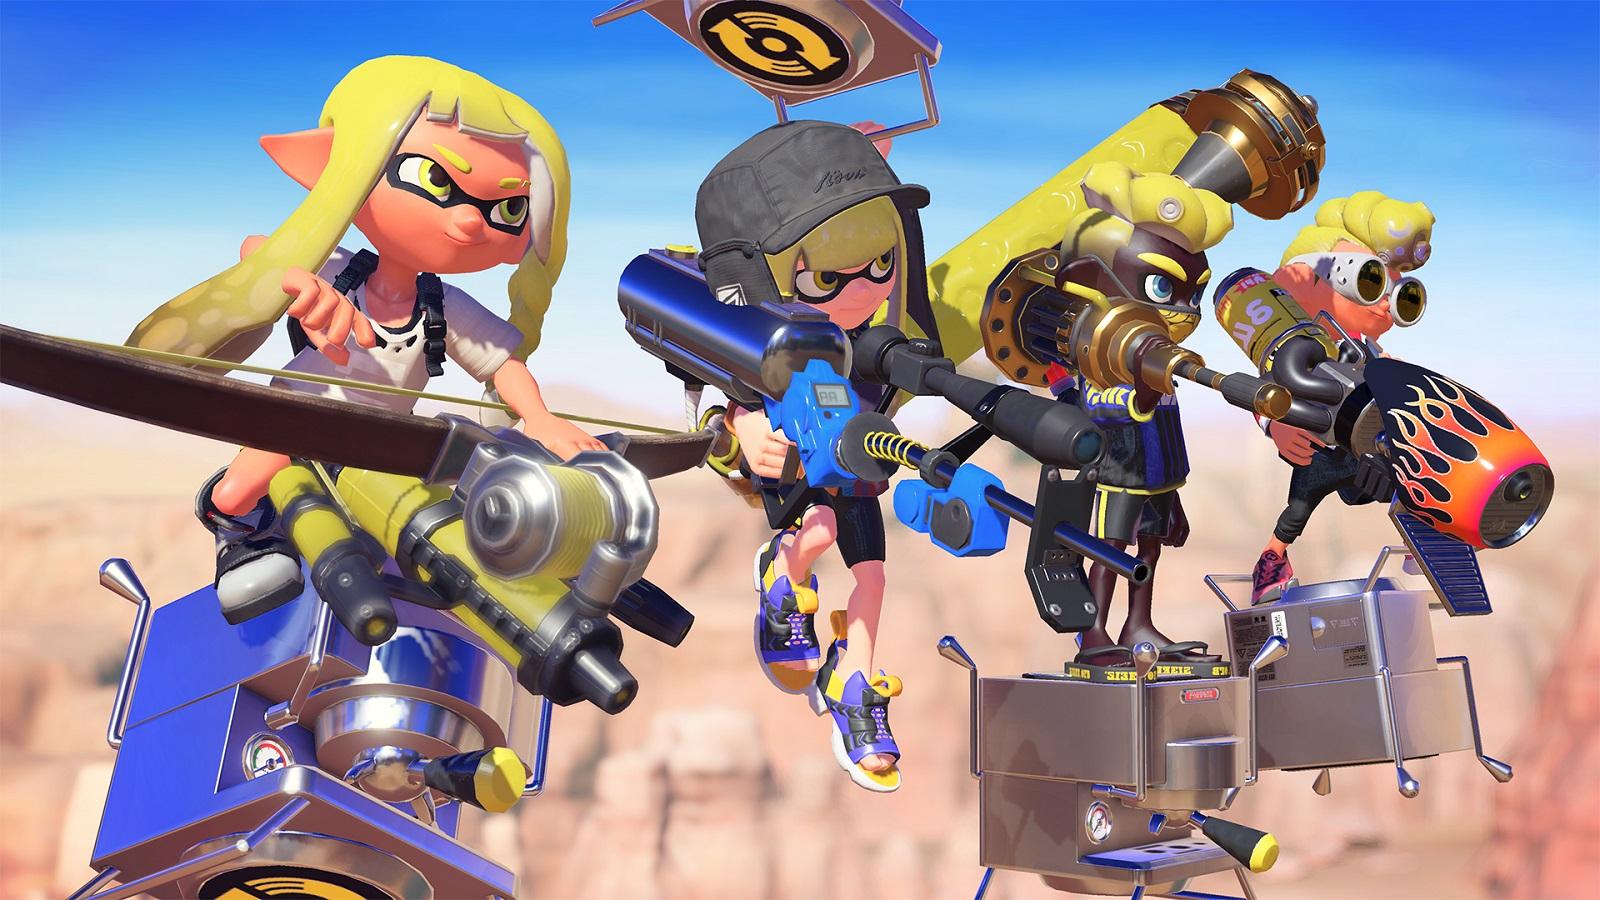 Nintendo анонсировала аркадный сетевой шутер Splatoon 3 — релиз в 2022 году